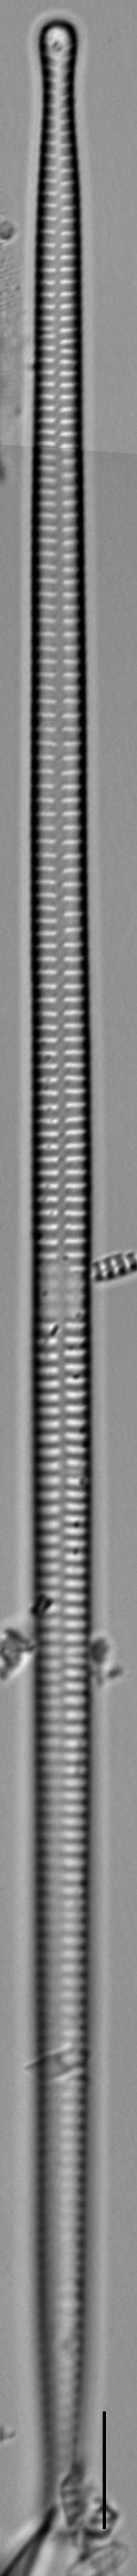 Ulnaria delicatissima LM16